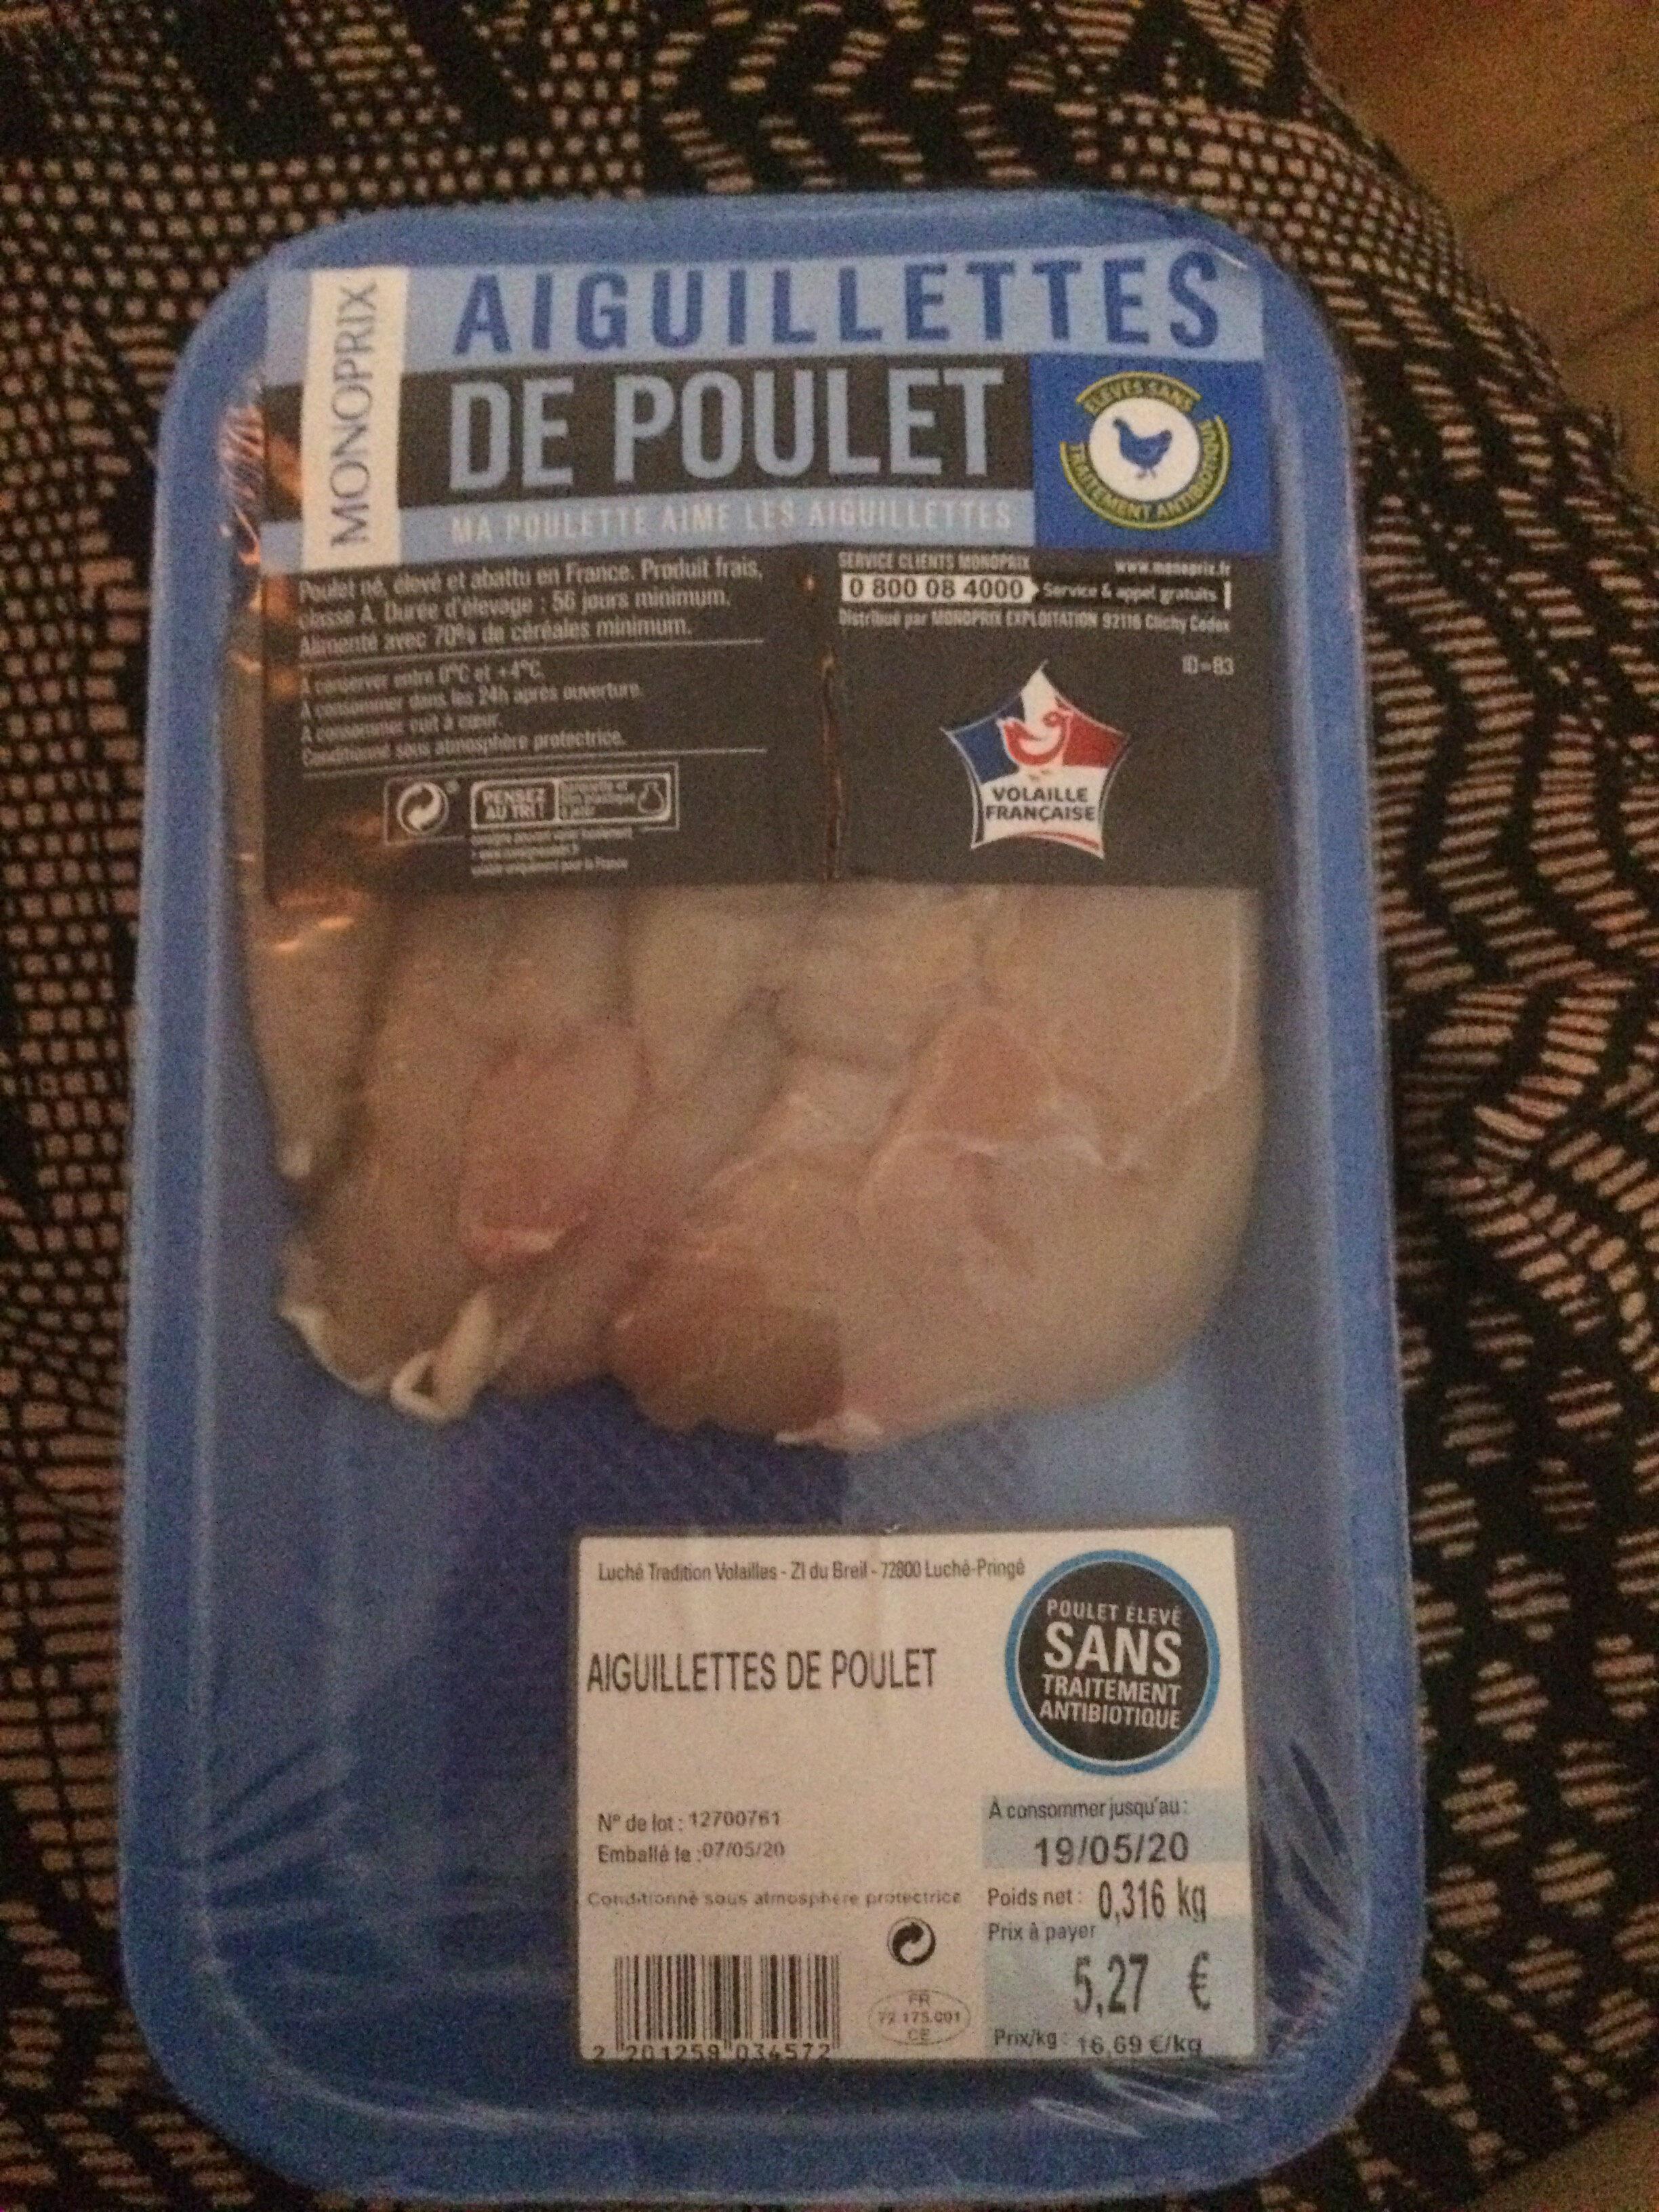 Aiguillettes de poulet - Produit - fr